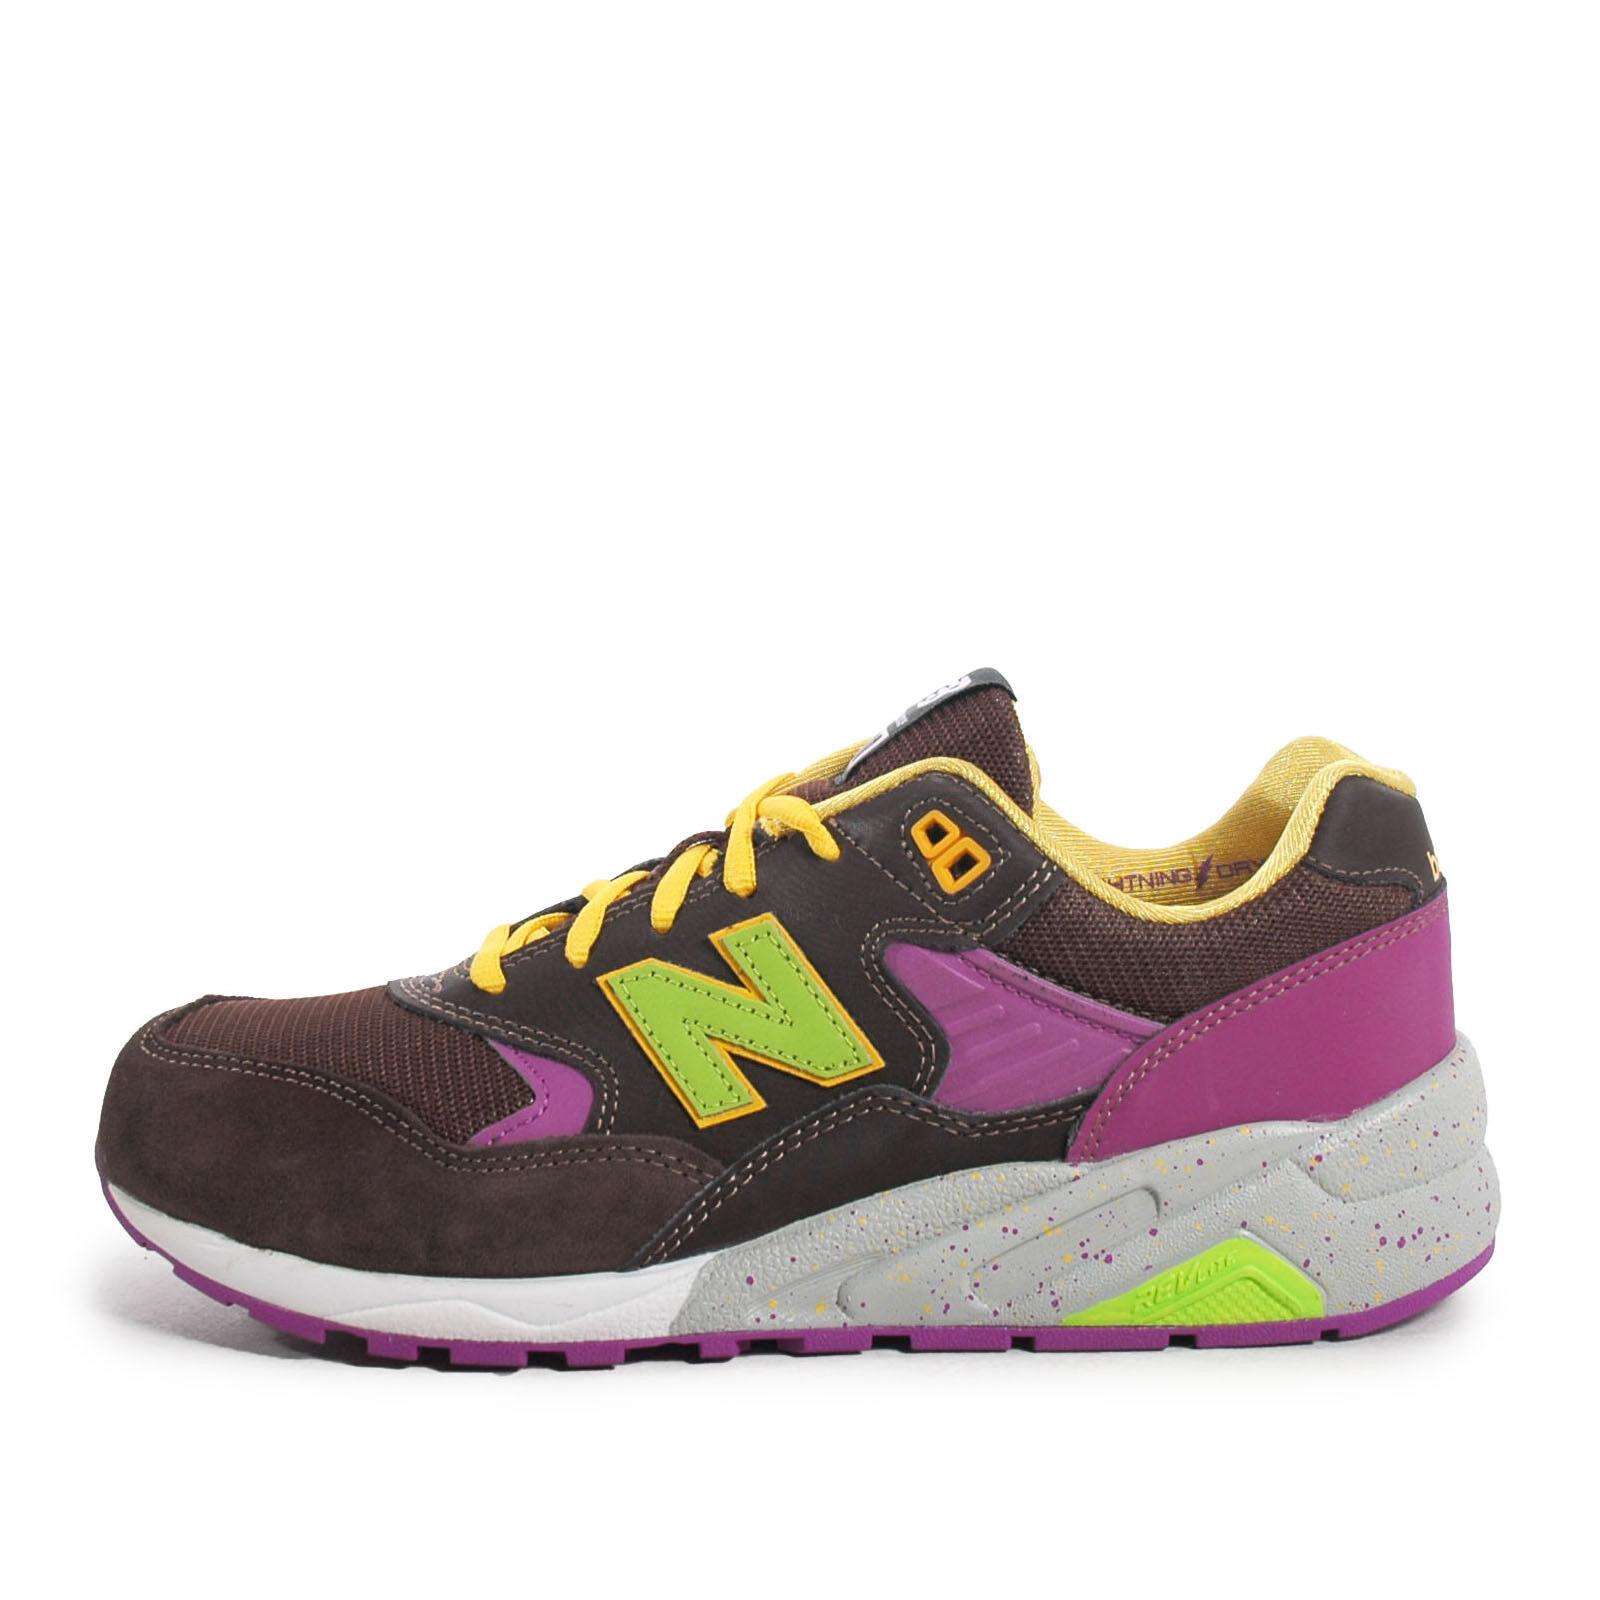 buy popular c5657 816d1 Un nuovo equilibrio mrt580bd s  mrt580bd  uomini uomini uomini scarpe  casual brown viola noi